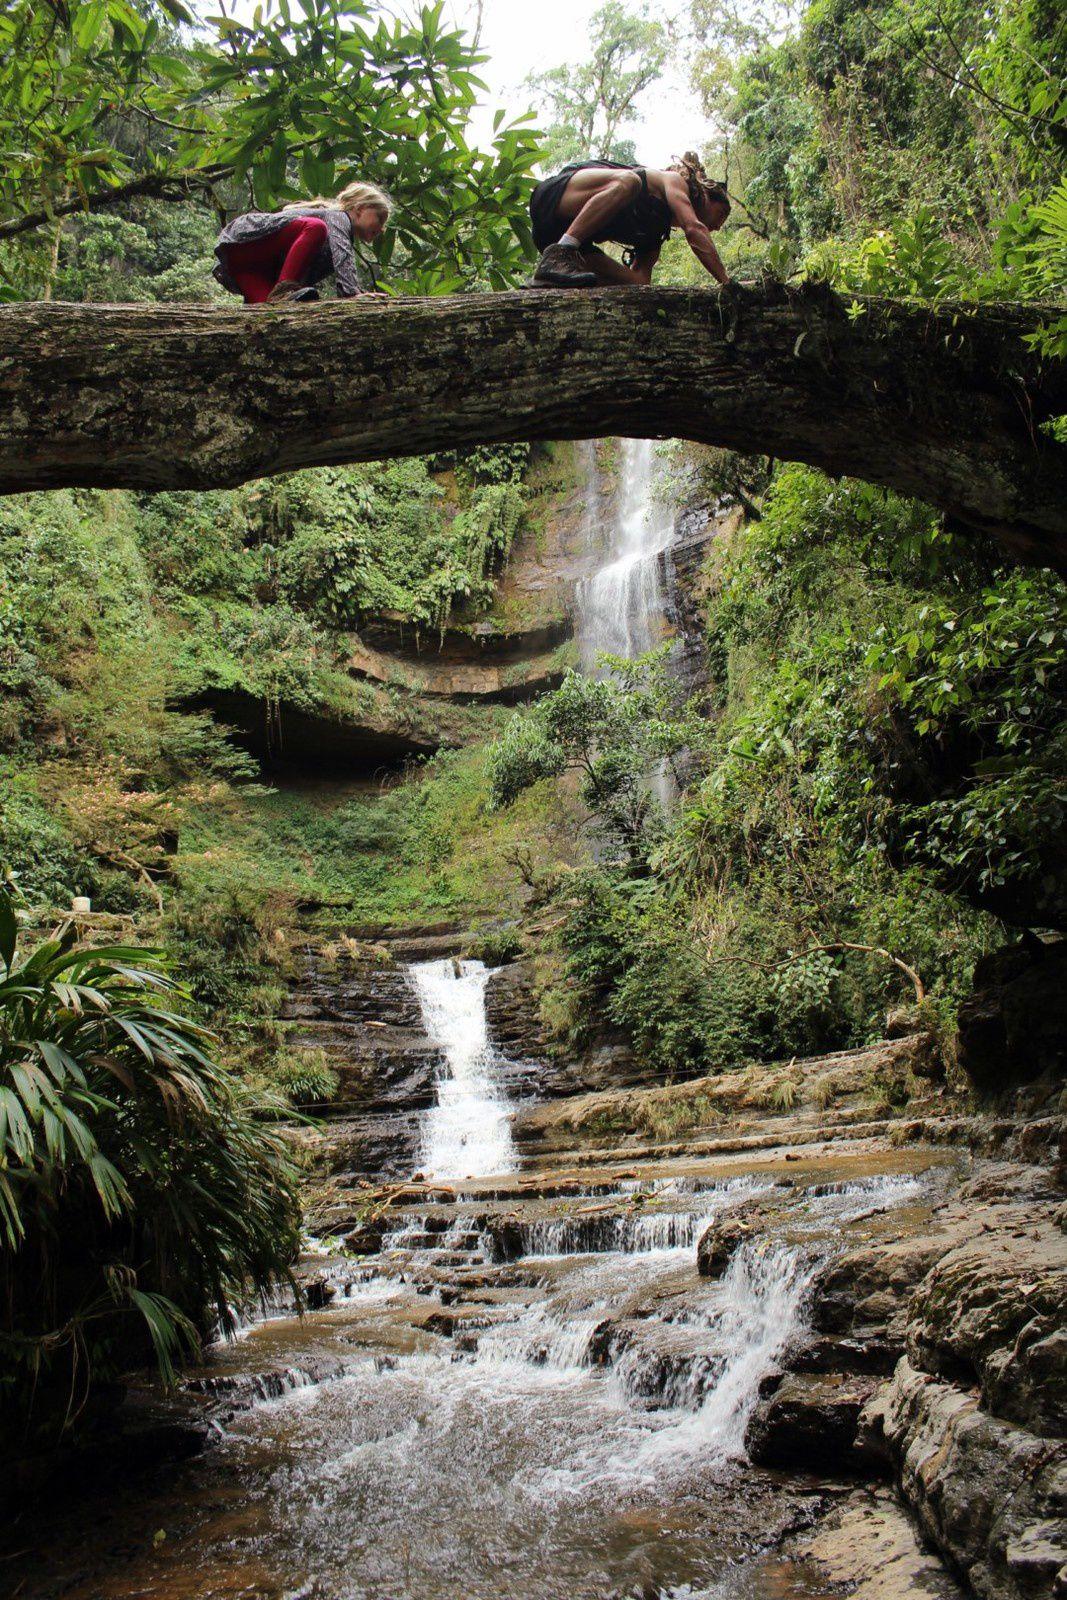 Colombie, Paramo la cuevas del Indio et les 3 cascades...